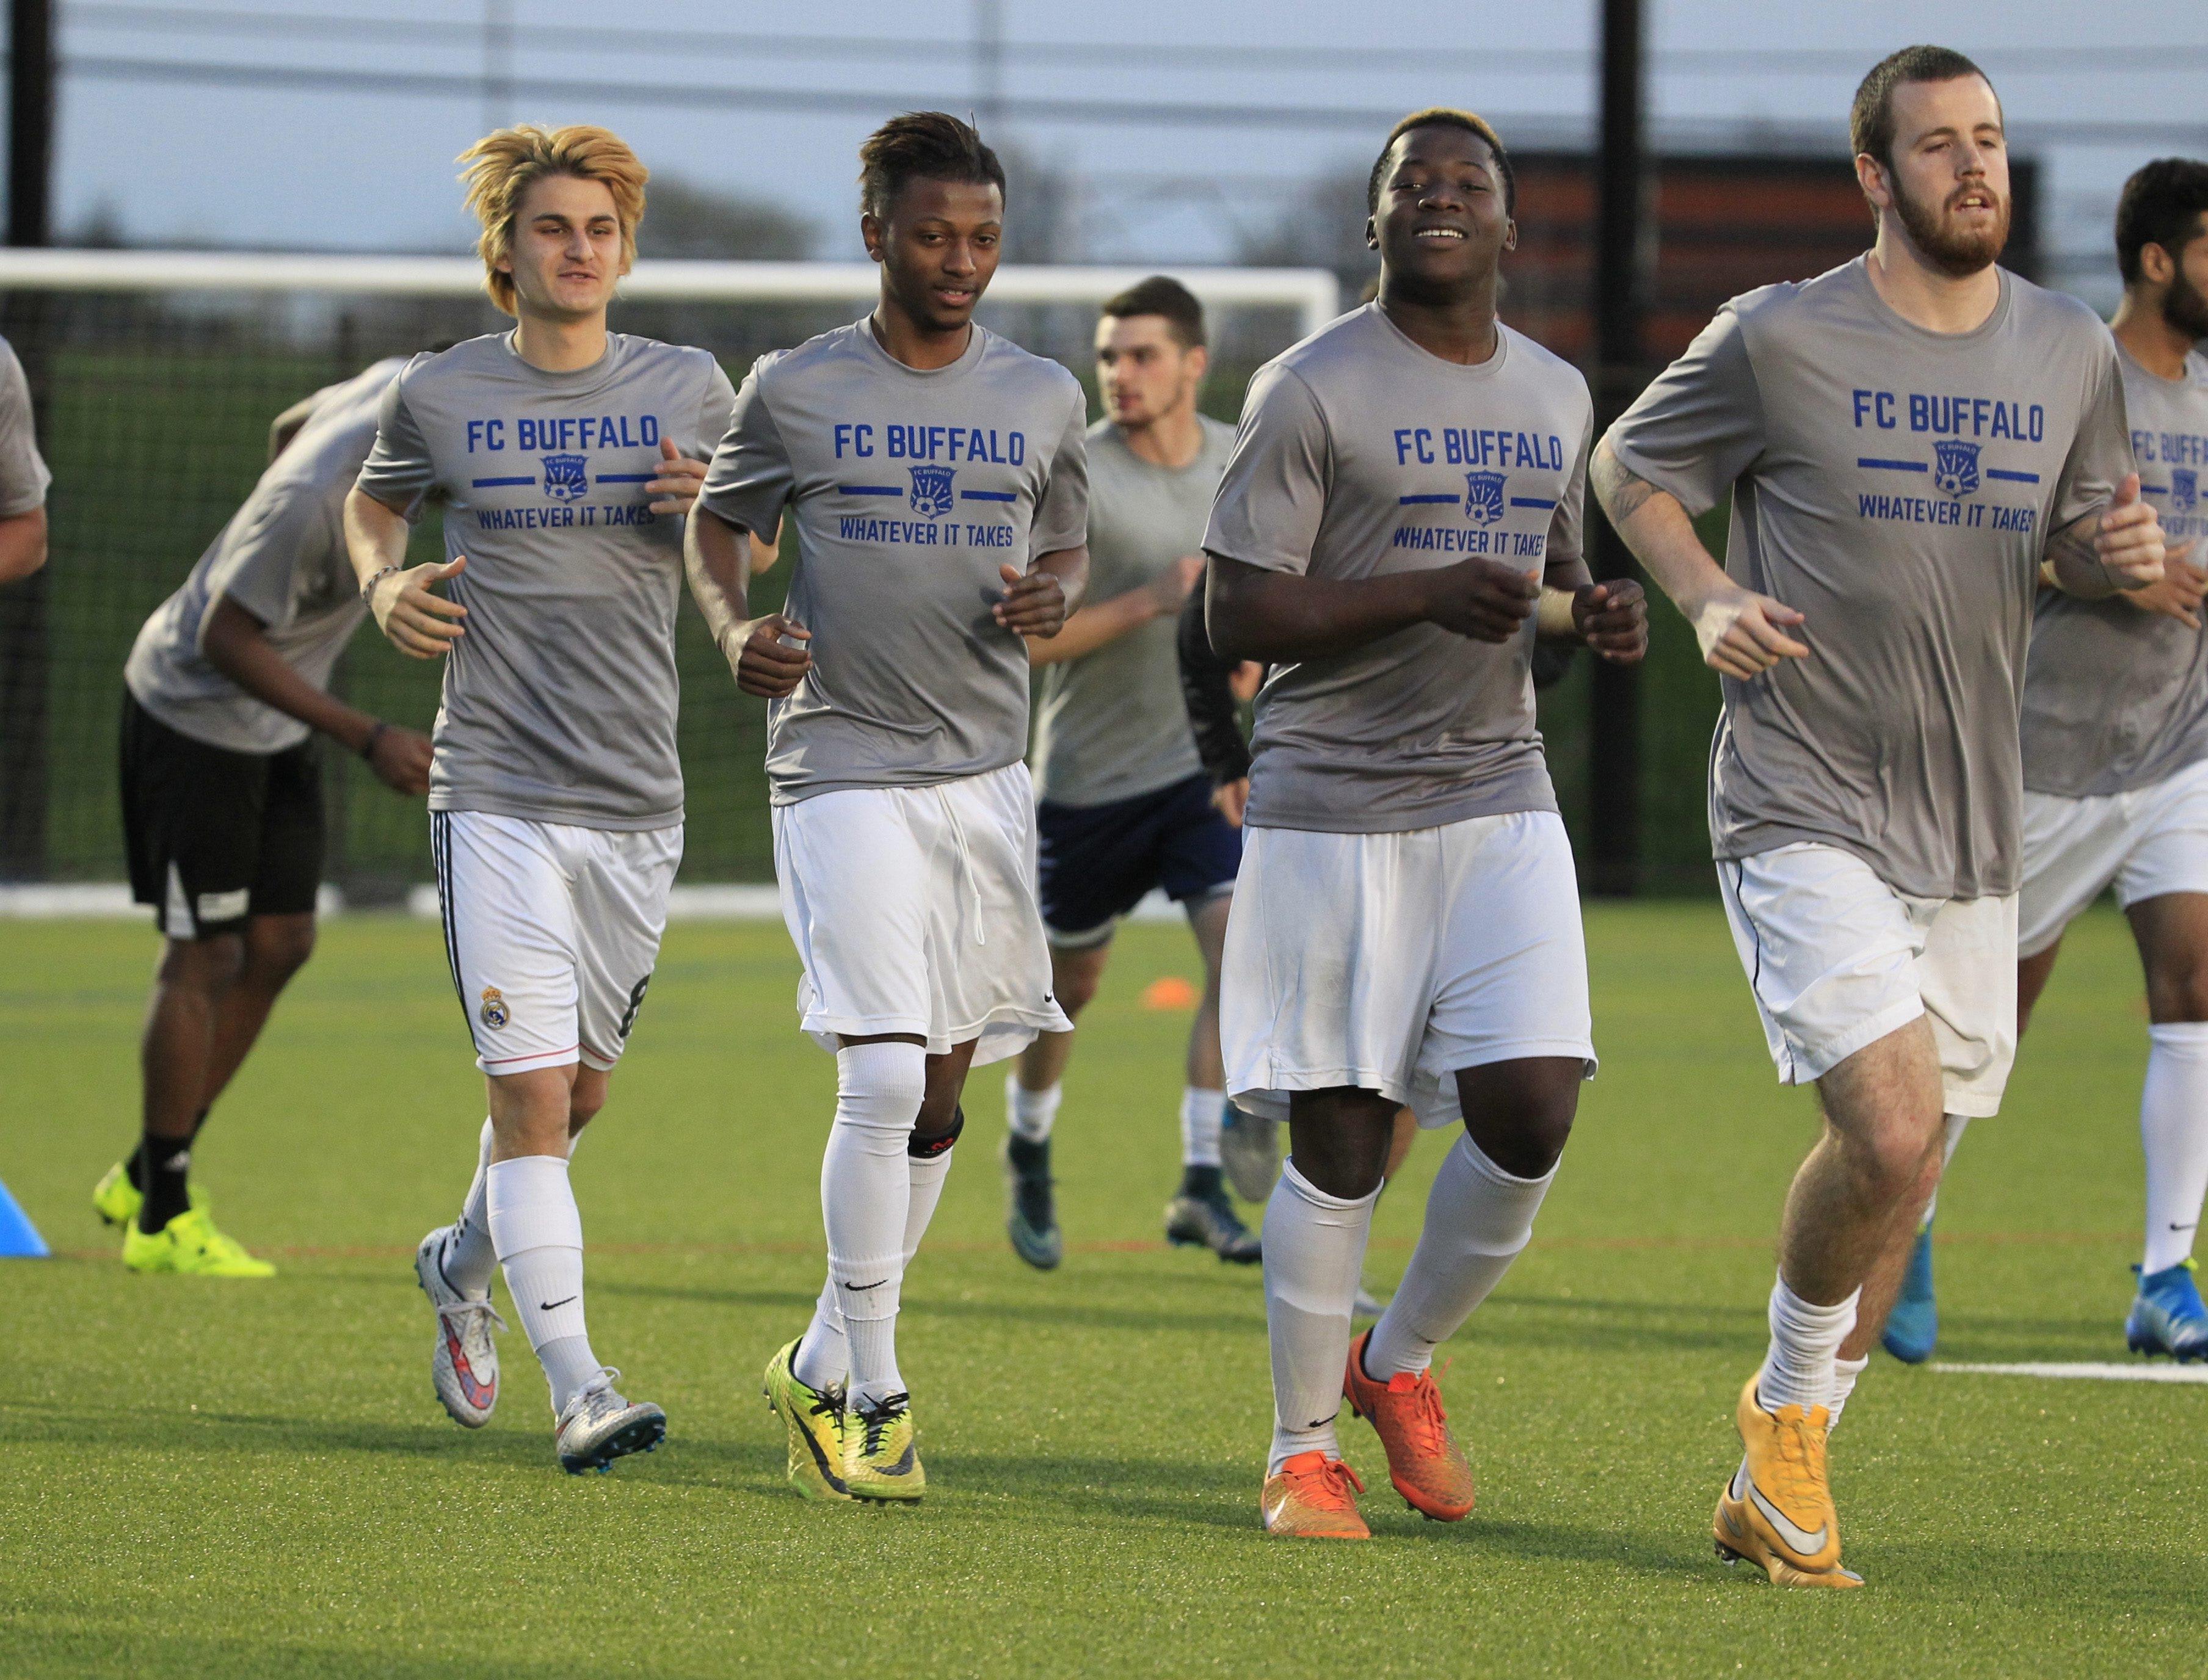 FC Buffalo begins its season at 7 p.m. Saturday at All High Stadium.